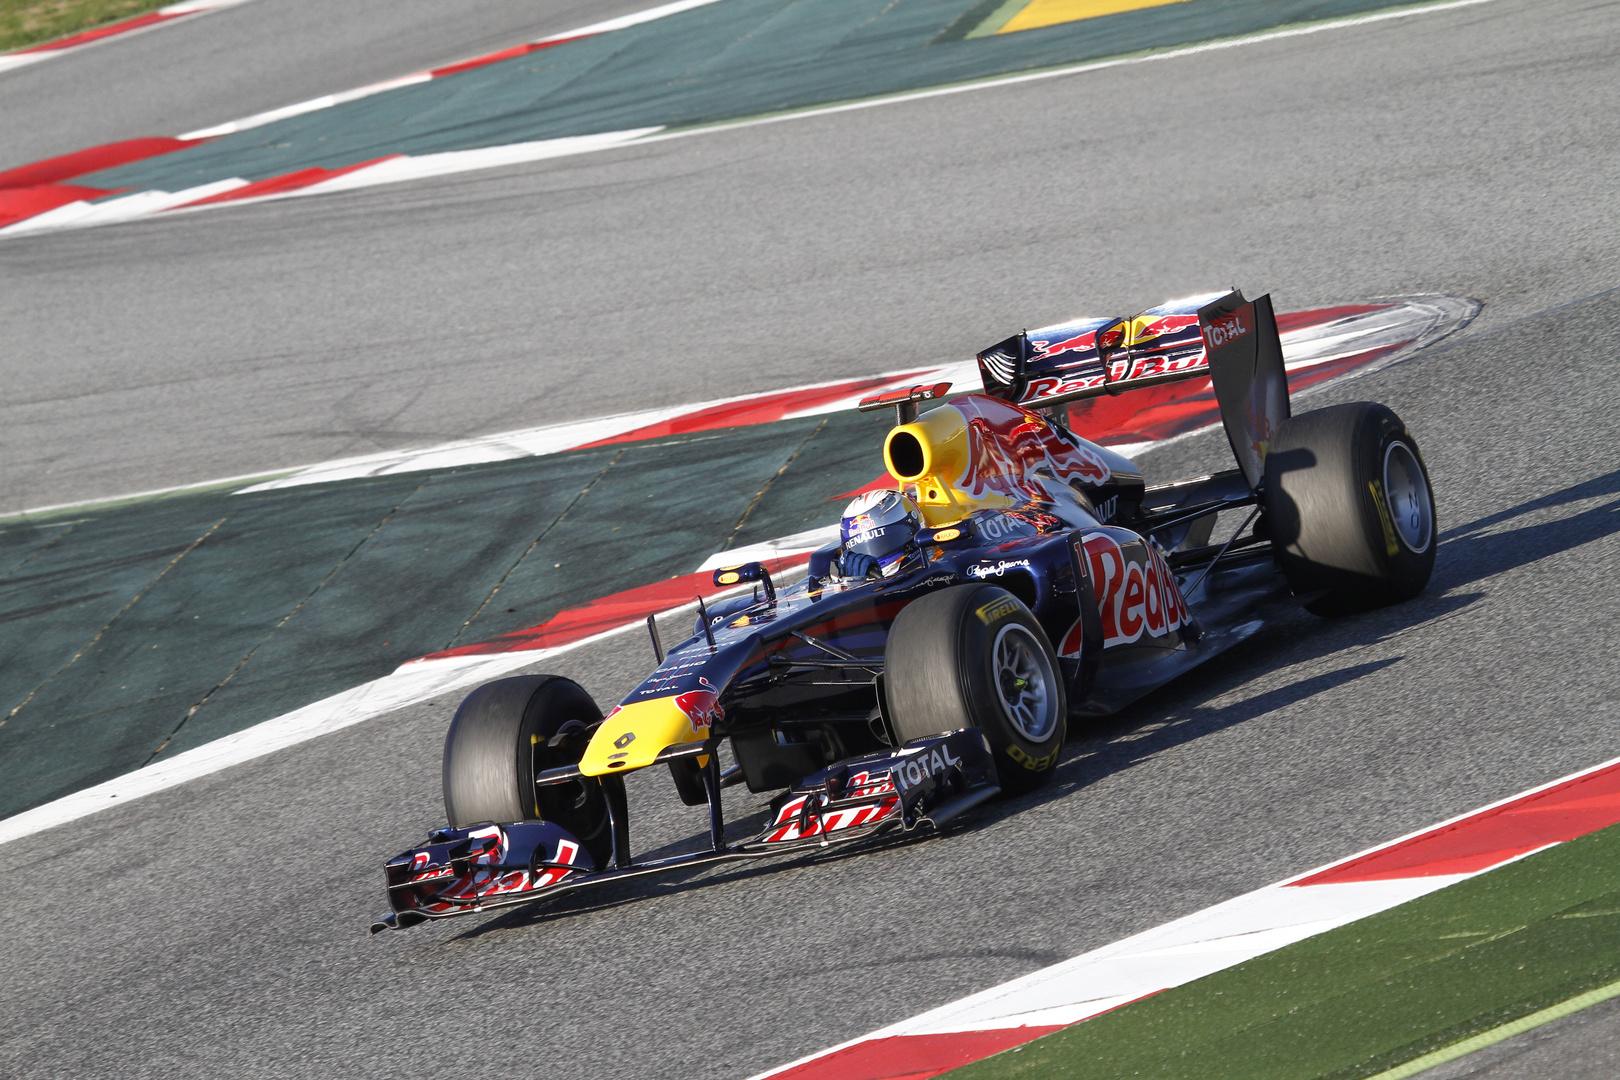 Der amtierende Formel 1 Weltmeister